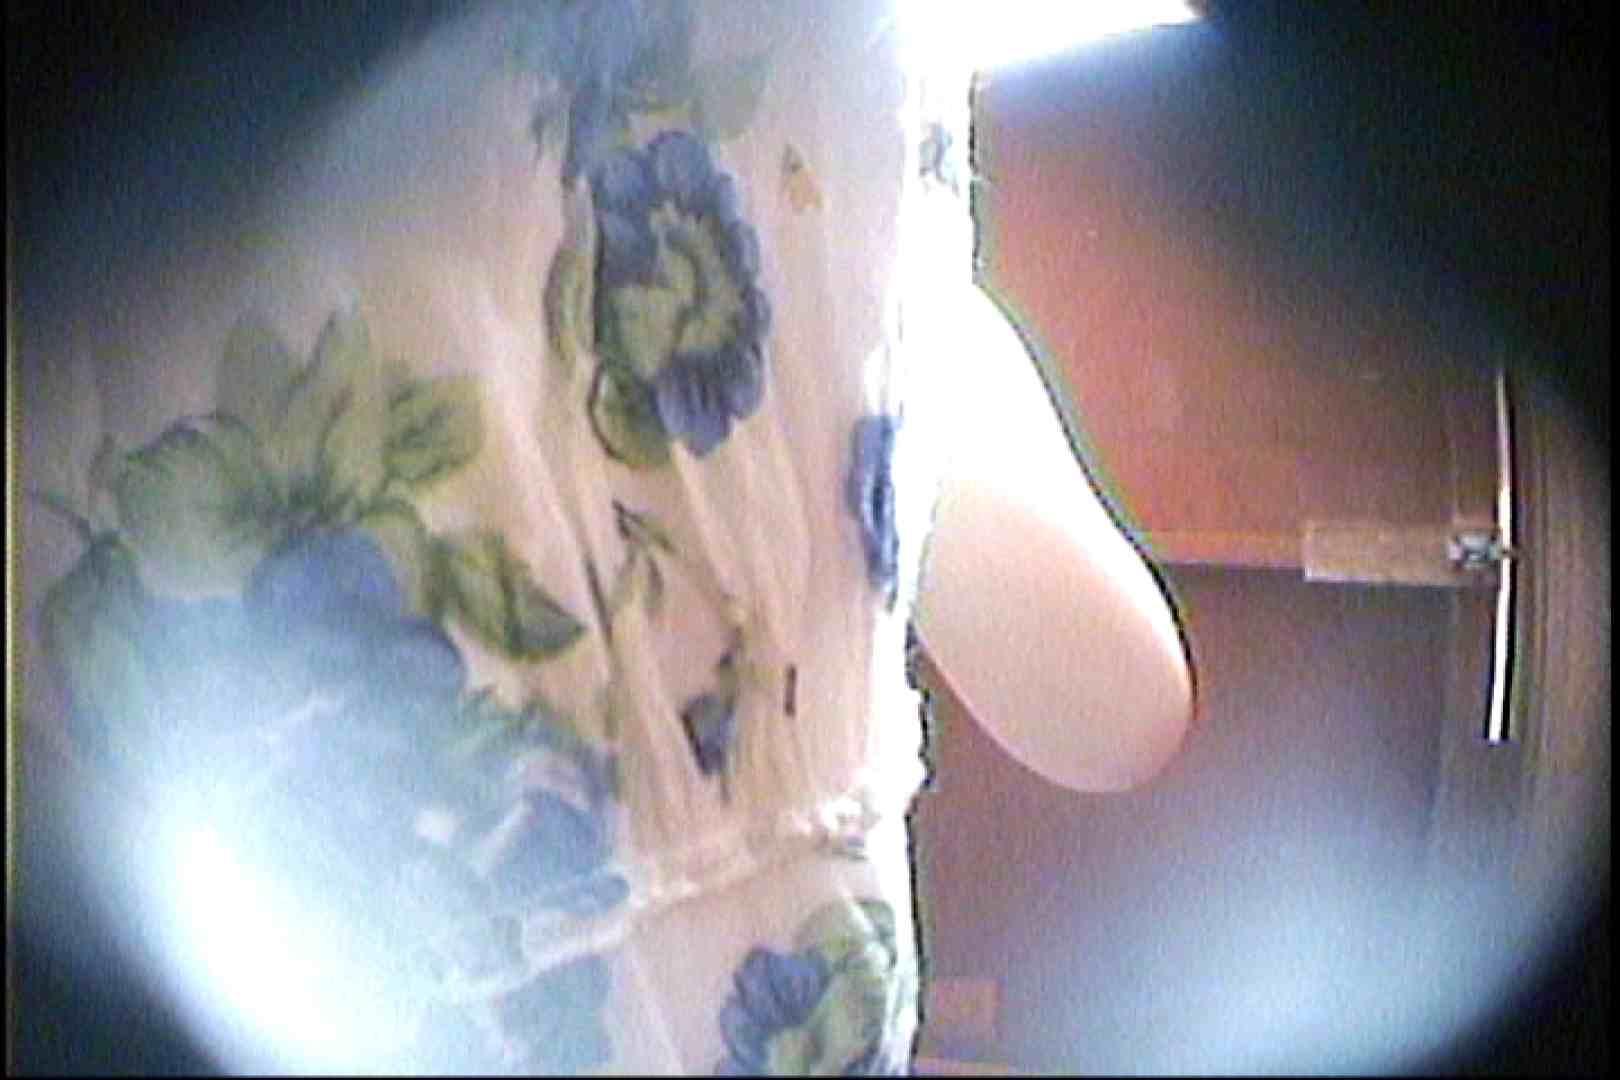 海の家の更衣室 Vol.32 日焼けした女たち オメコ無修正動画無料 77画像 77